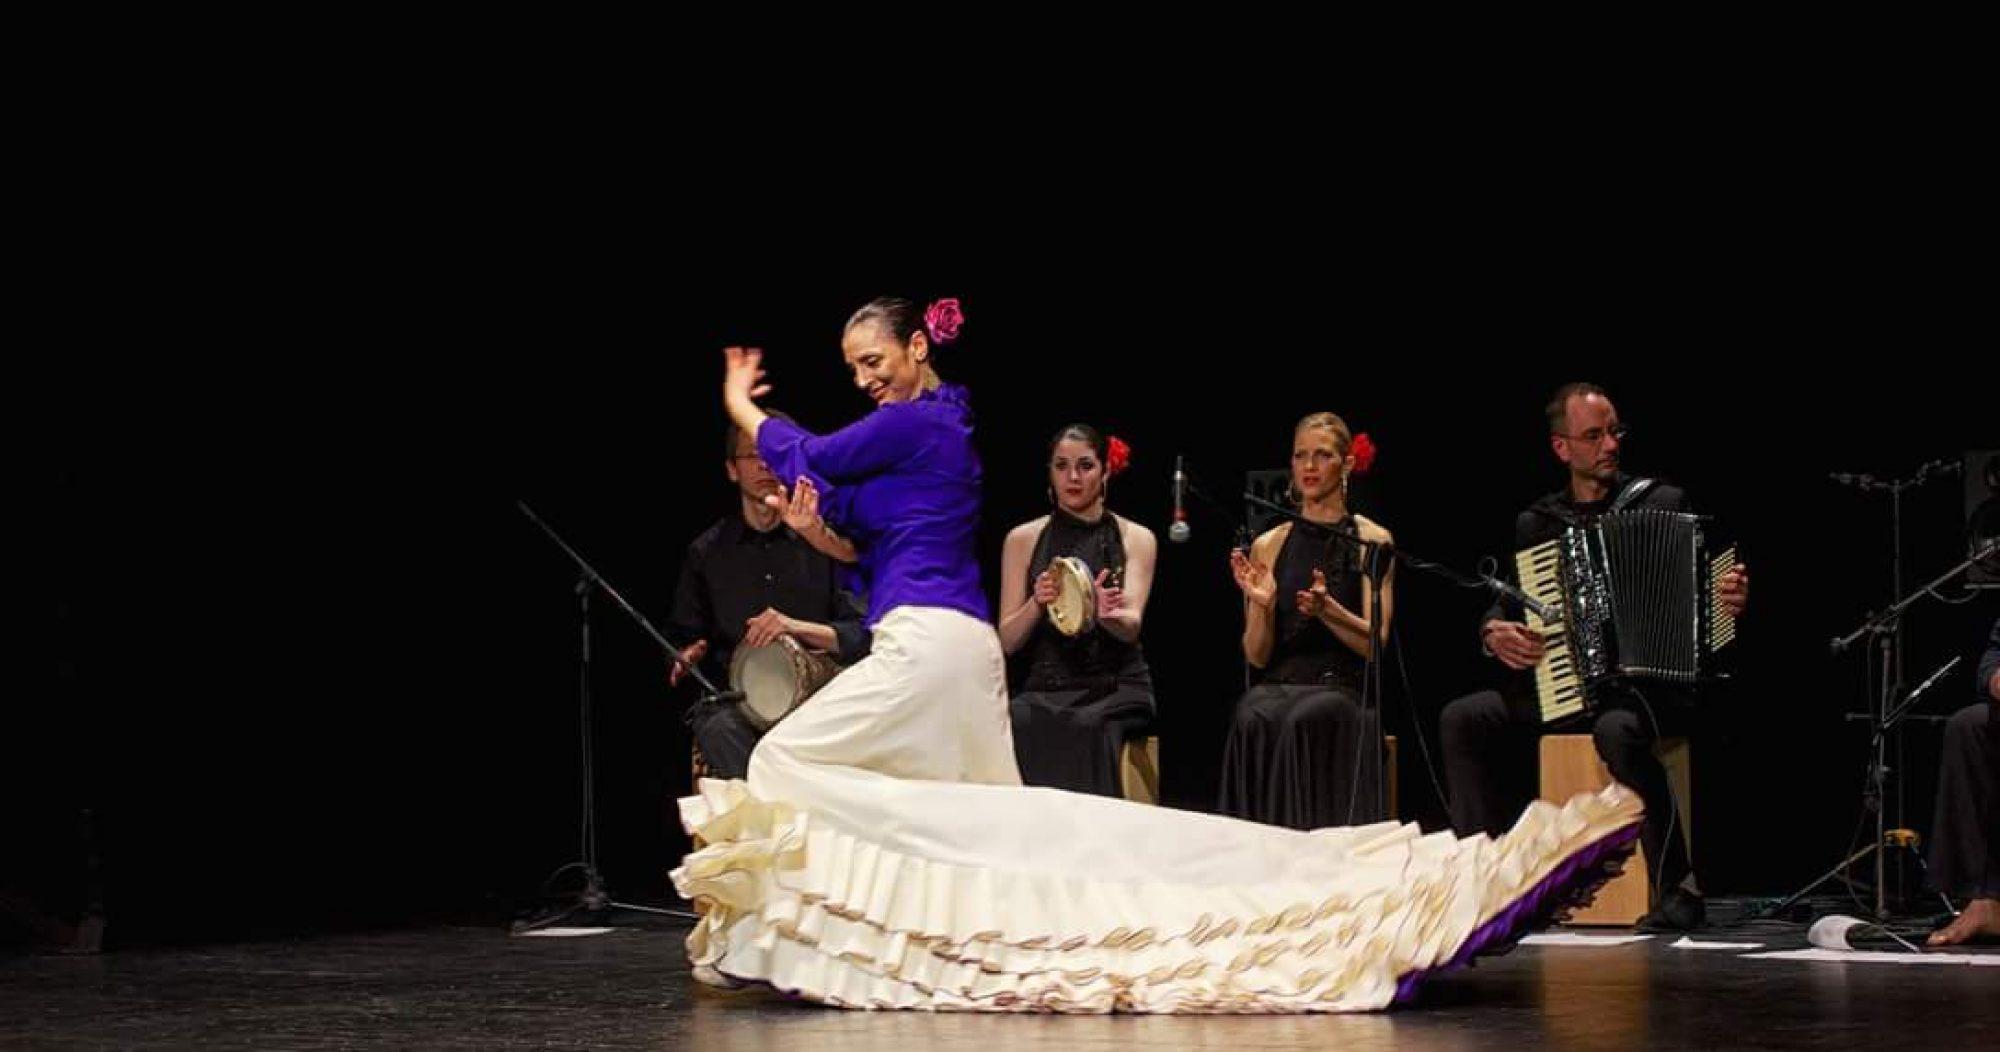 A.S.D. Viento Flamenco